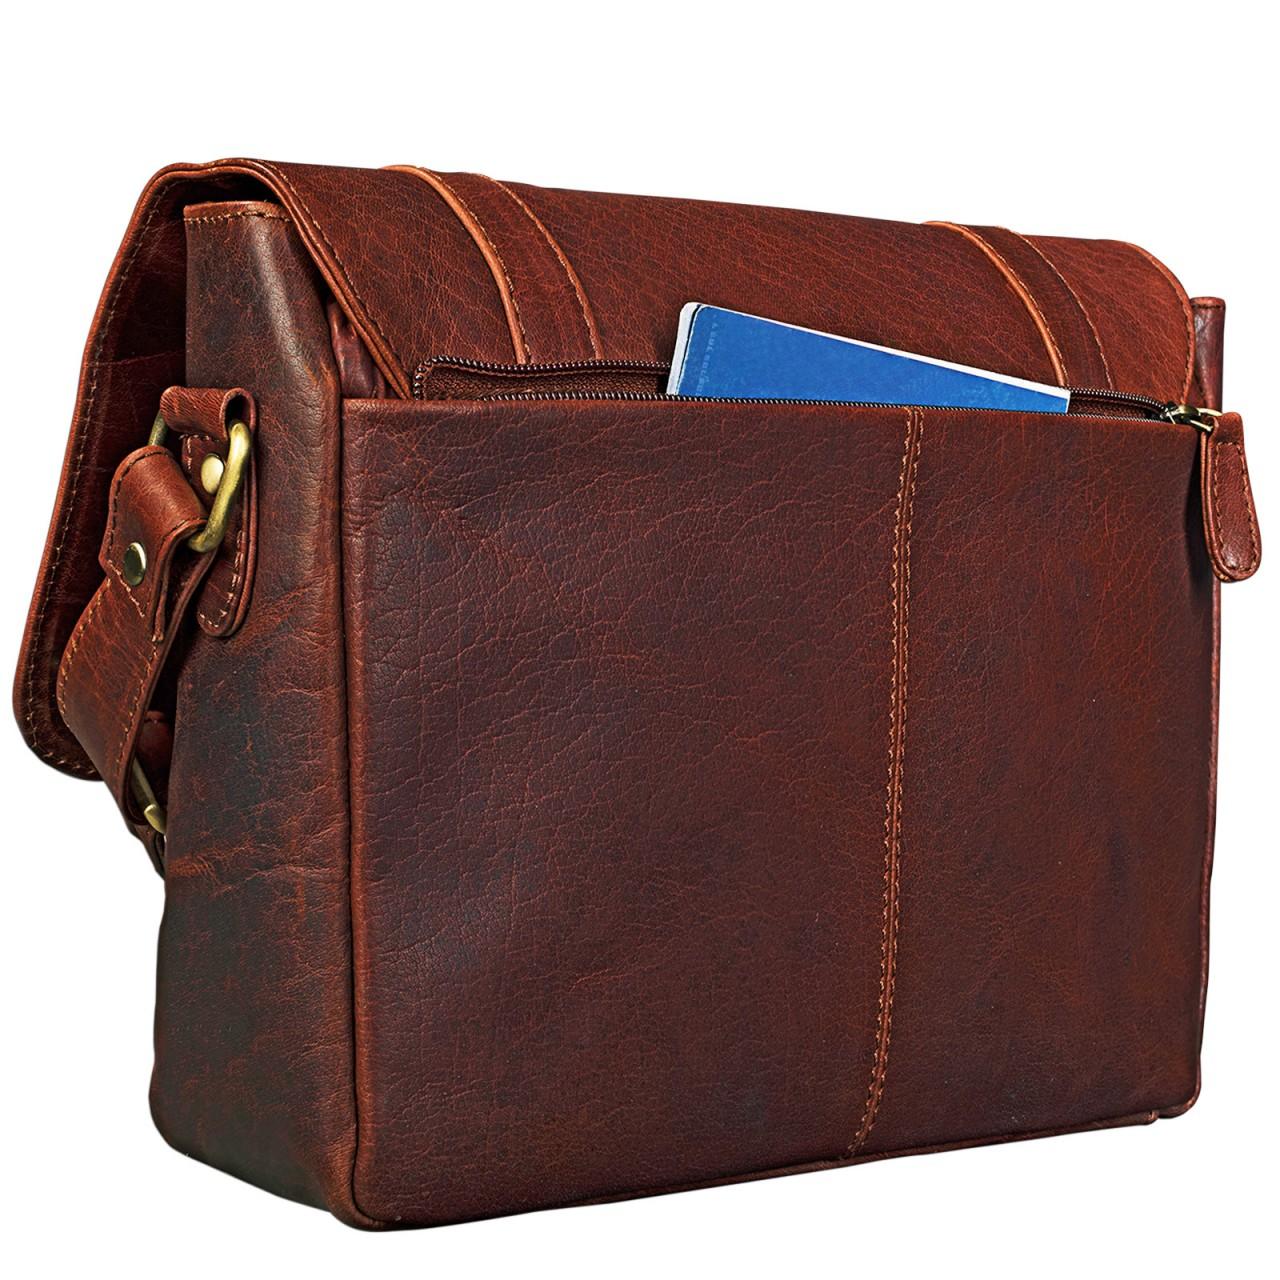 """STILORD """"Lara"""" Vintage Umhängetasche Damen klein Leder Handtasche zum Ausgehen Party Freizeit Umhängetasche Schultertasche 10.1 Zoll Tablettasche echtes Leder - Bild 14"""